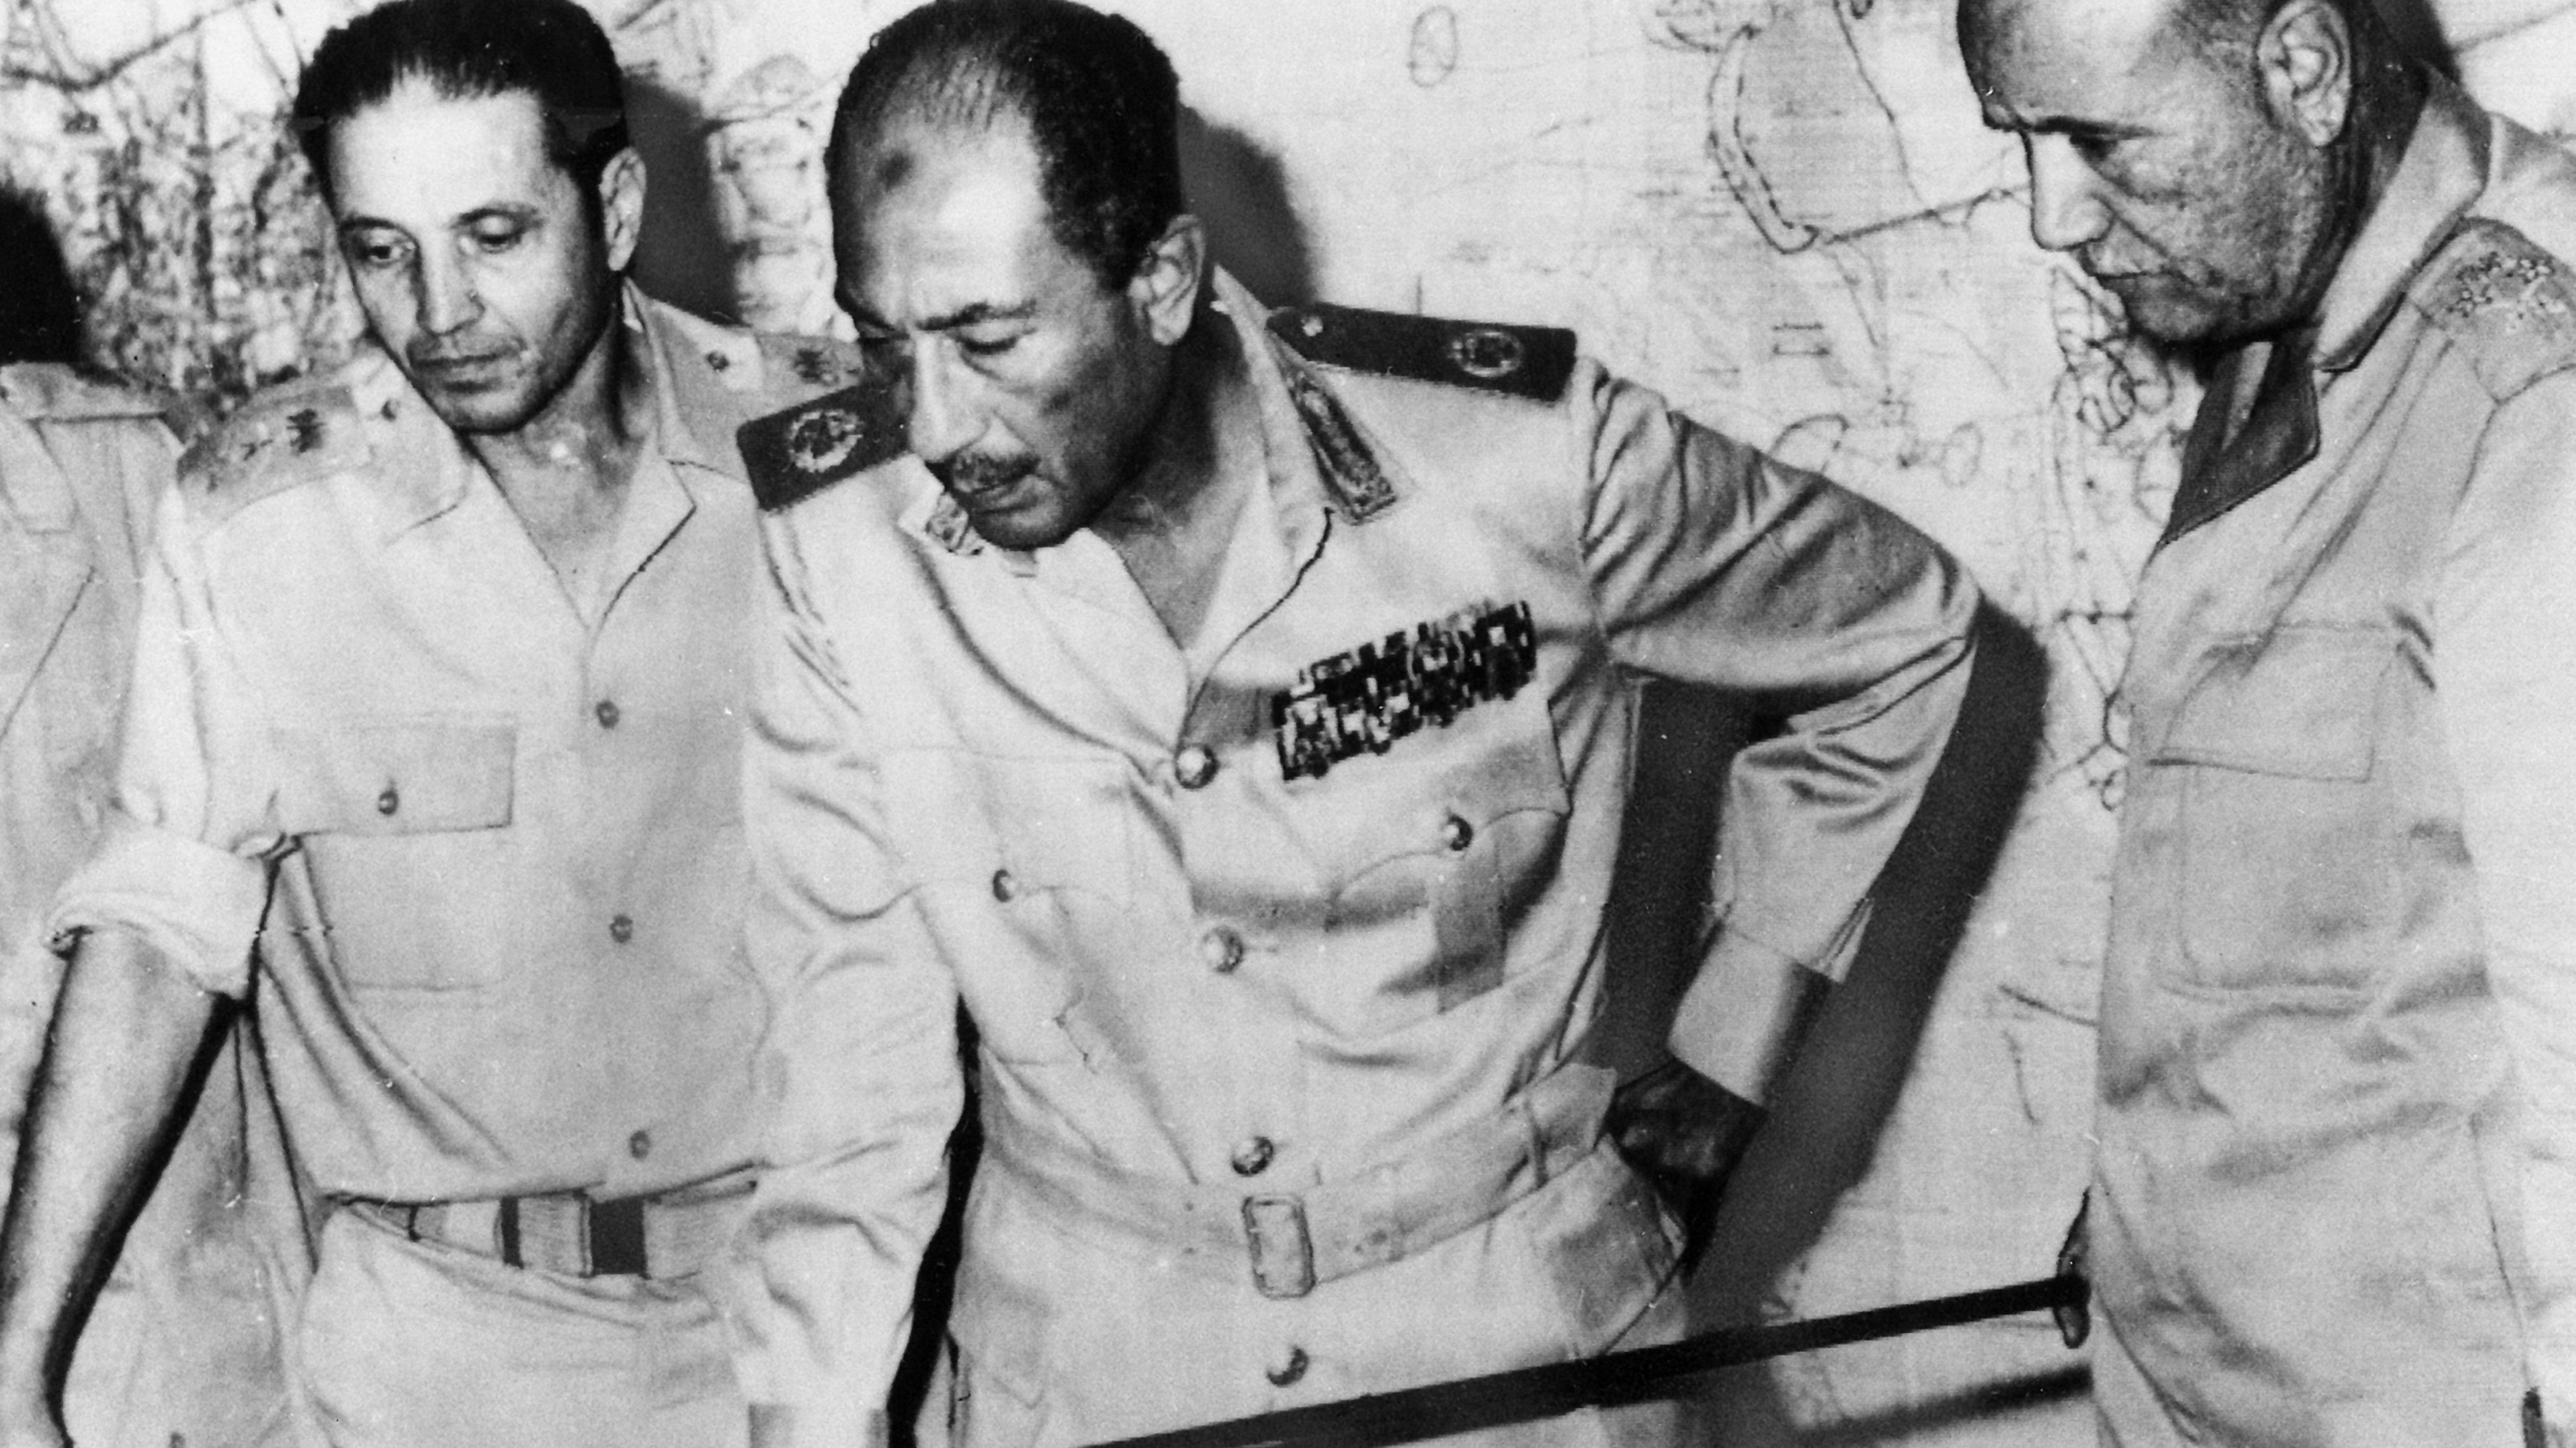 الرئيس السادات، في الوسط، وعلى يمينه سعد الدين الشاذلي، رئيس الأركان، وعلى يساره اسماعيل علي وزير الحربية، يتابعون من غرفة العمليات المركزية سير الحرب.